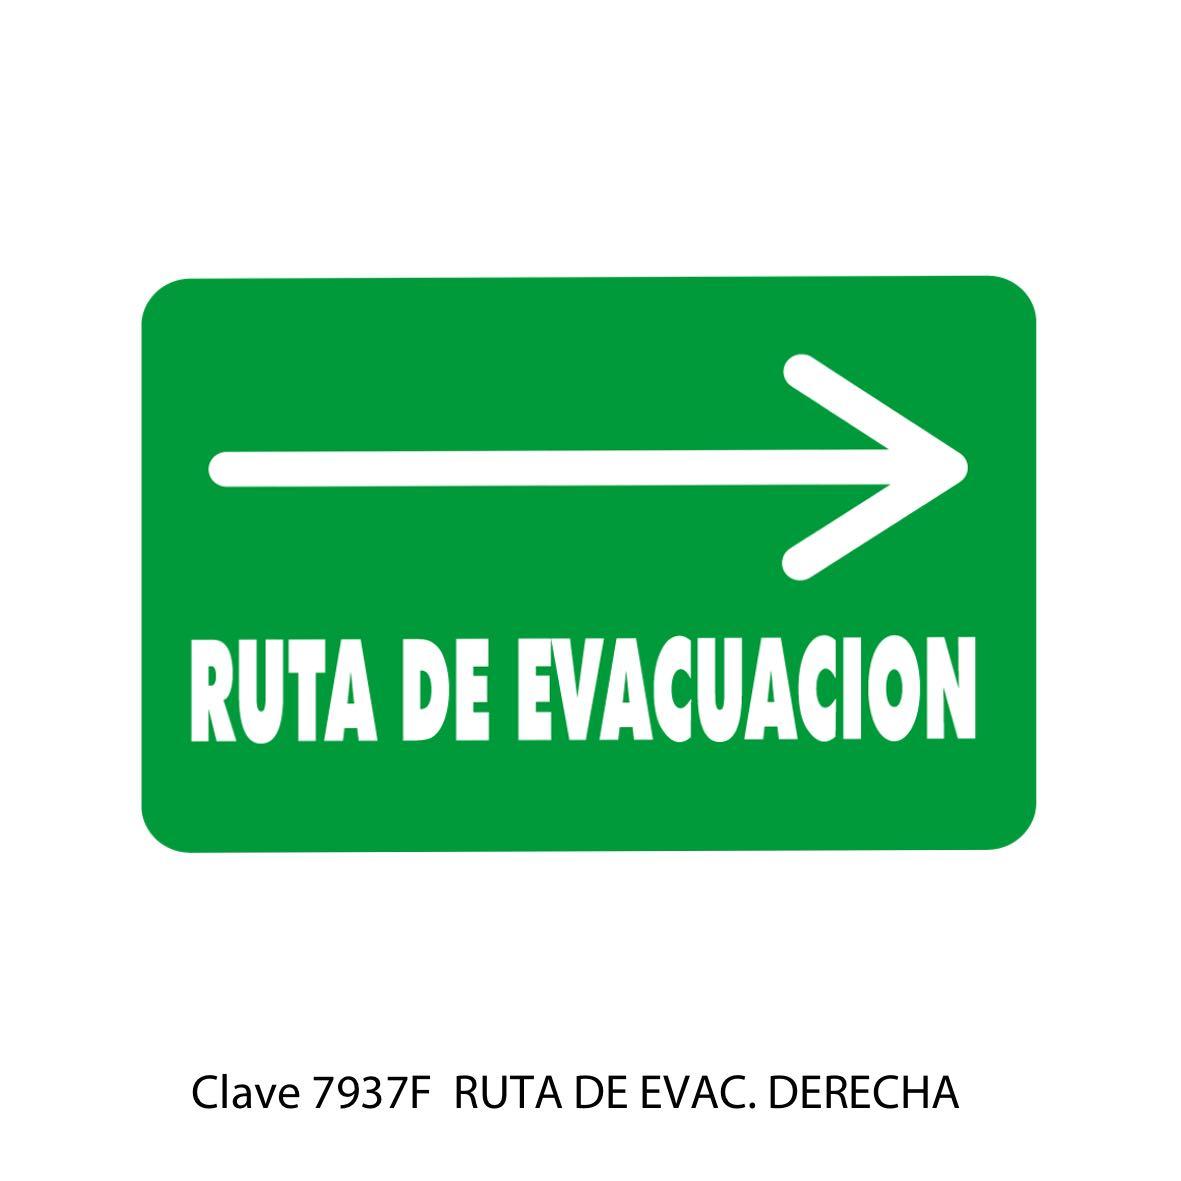 Señal Ruta de Evacuación Flecha hacia la Derecha Modelo 7937 F - Sablón